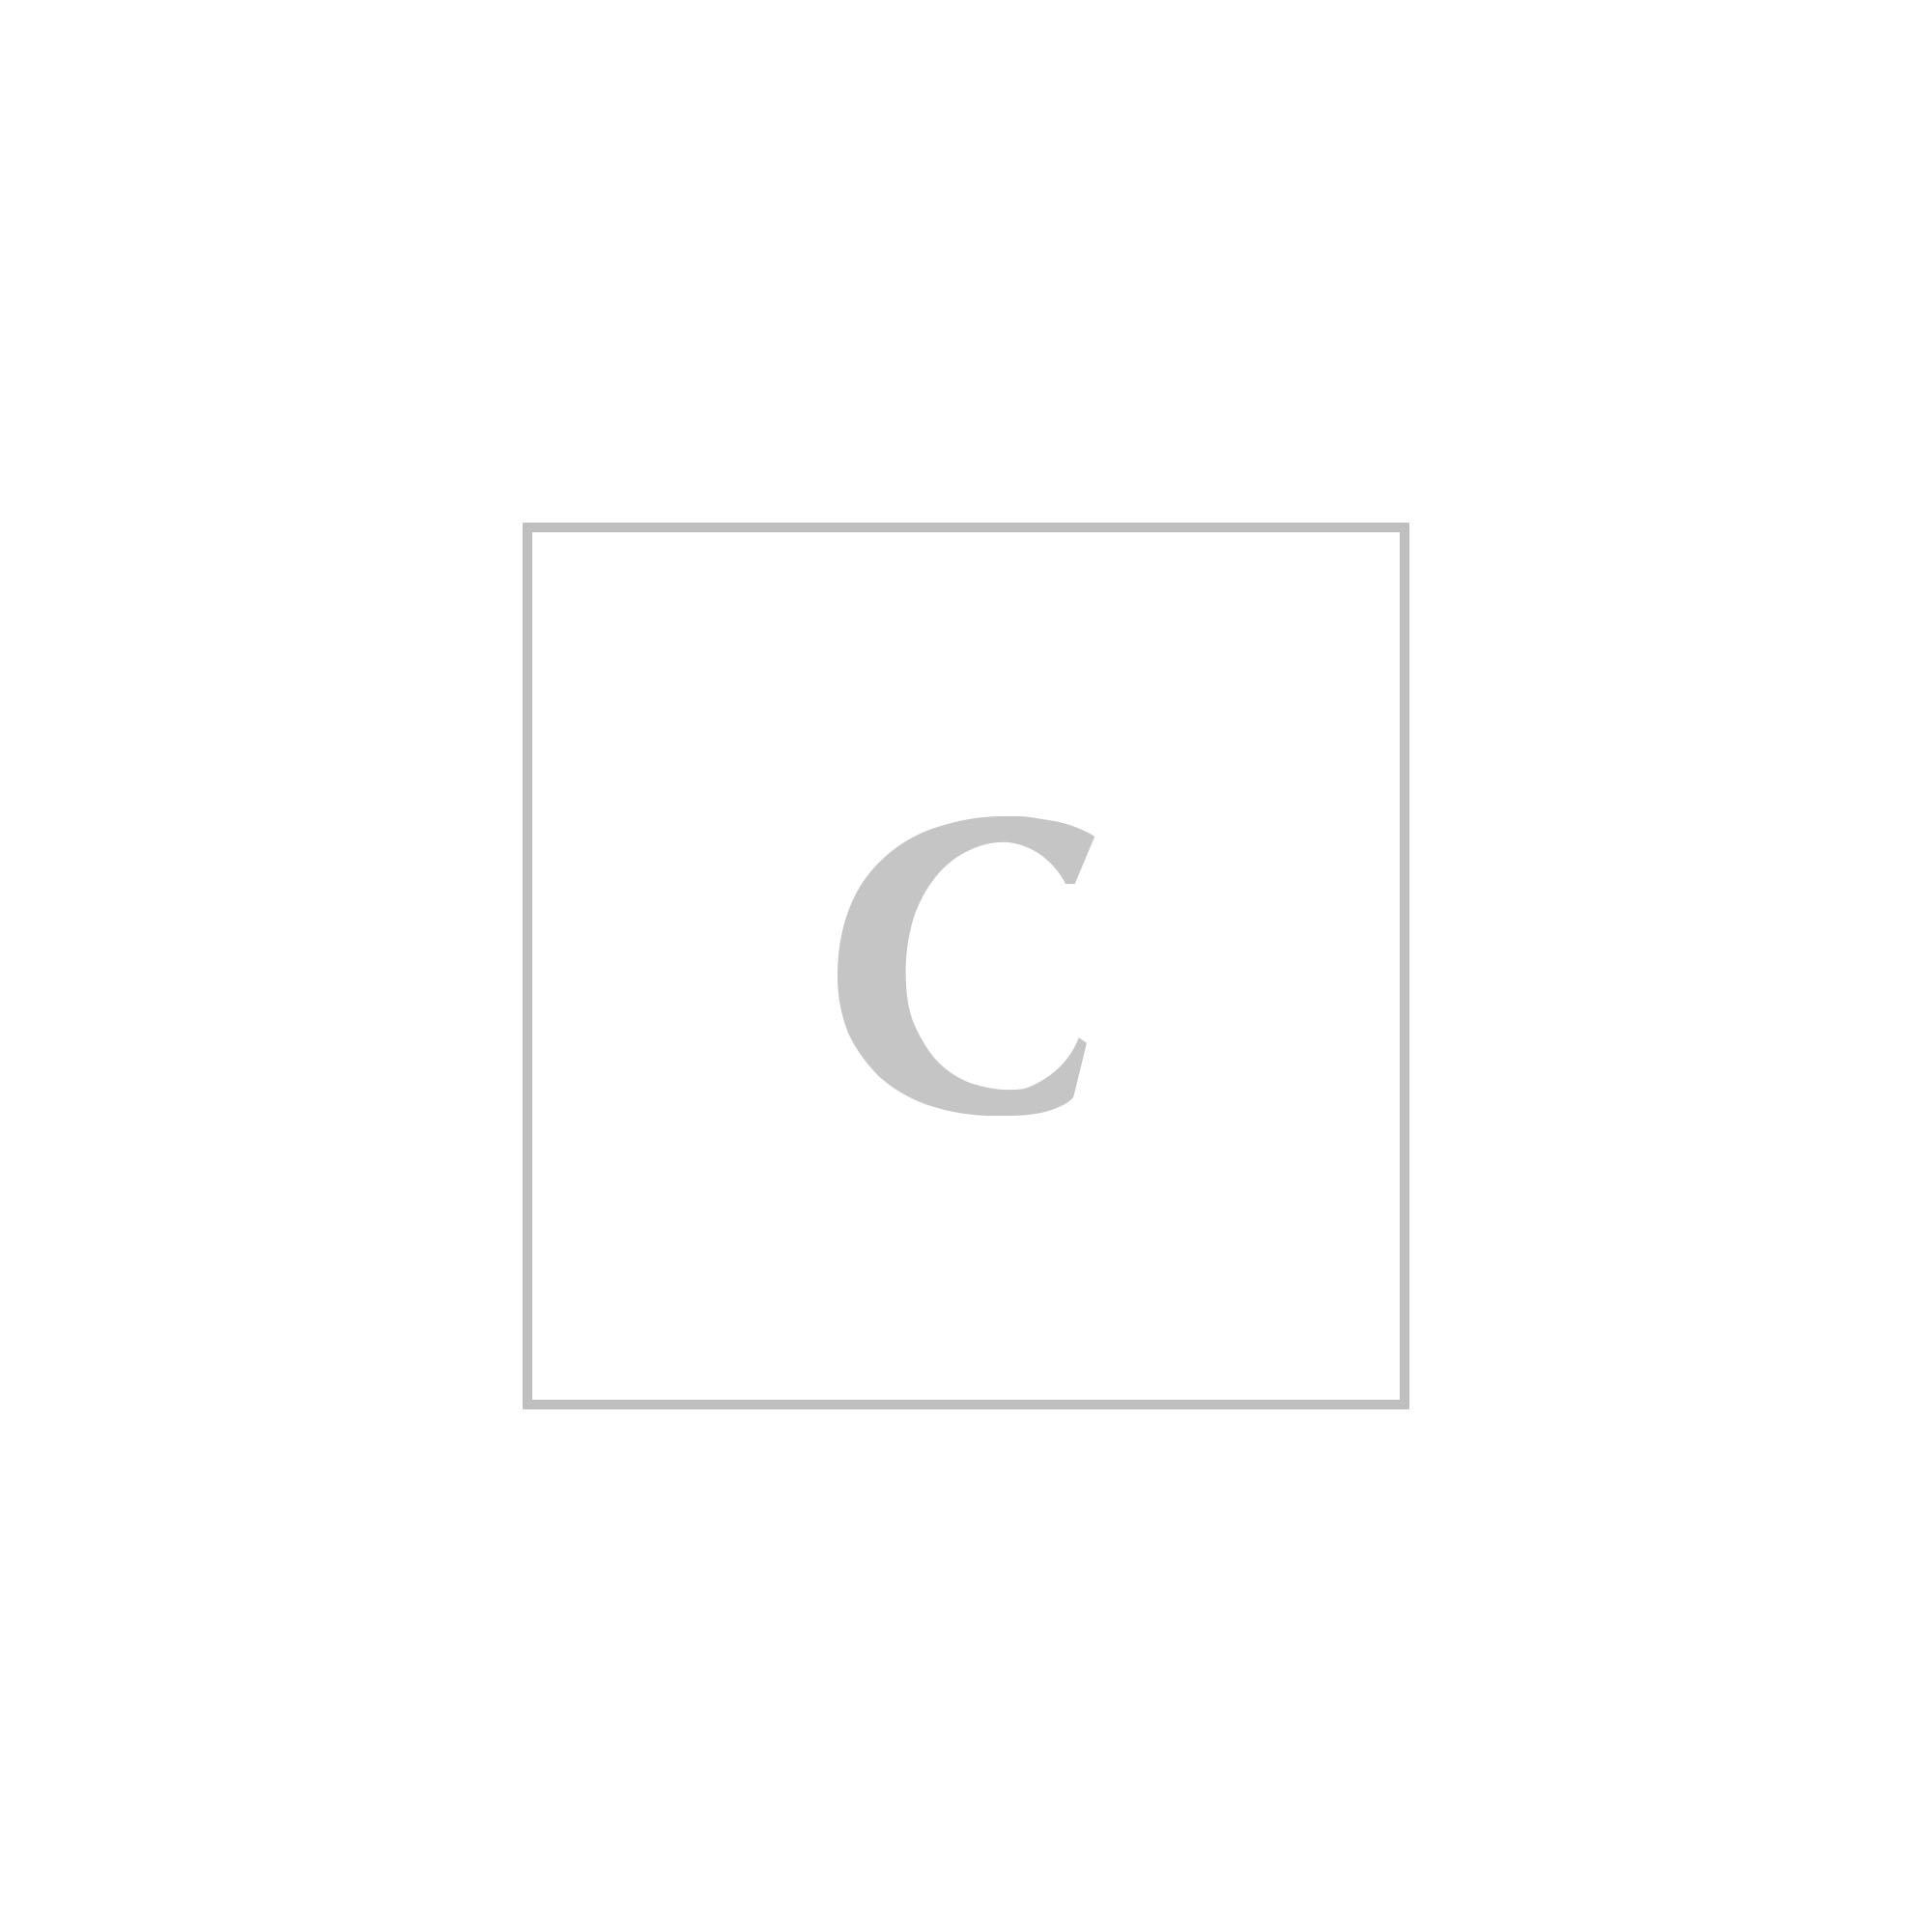 Dolce & gabbana infradito gomma gioiello vernice